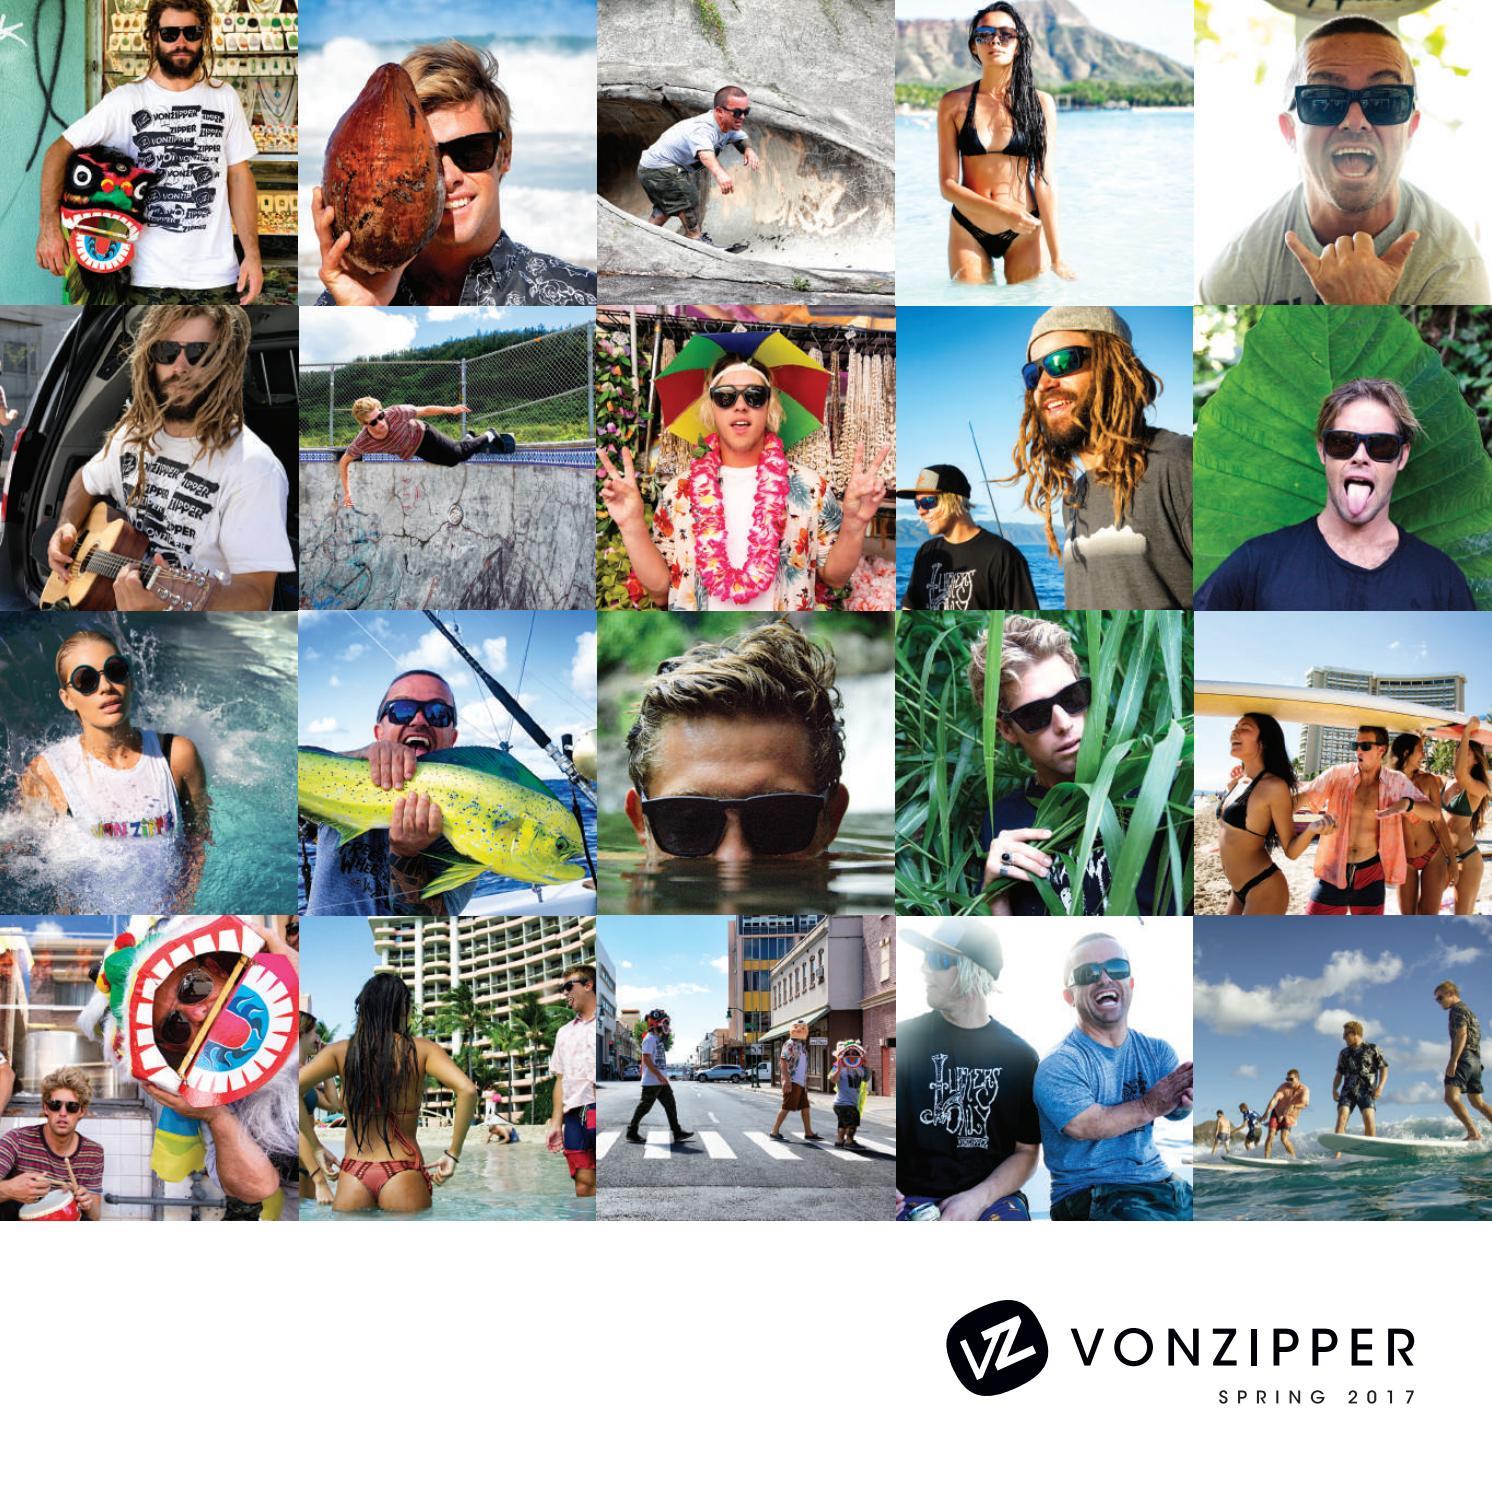 VON ZIPPER SUNGLASSES KICKSTAND PSV WILD LIFE MATTE BLACK//GRAY POLARIZED